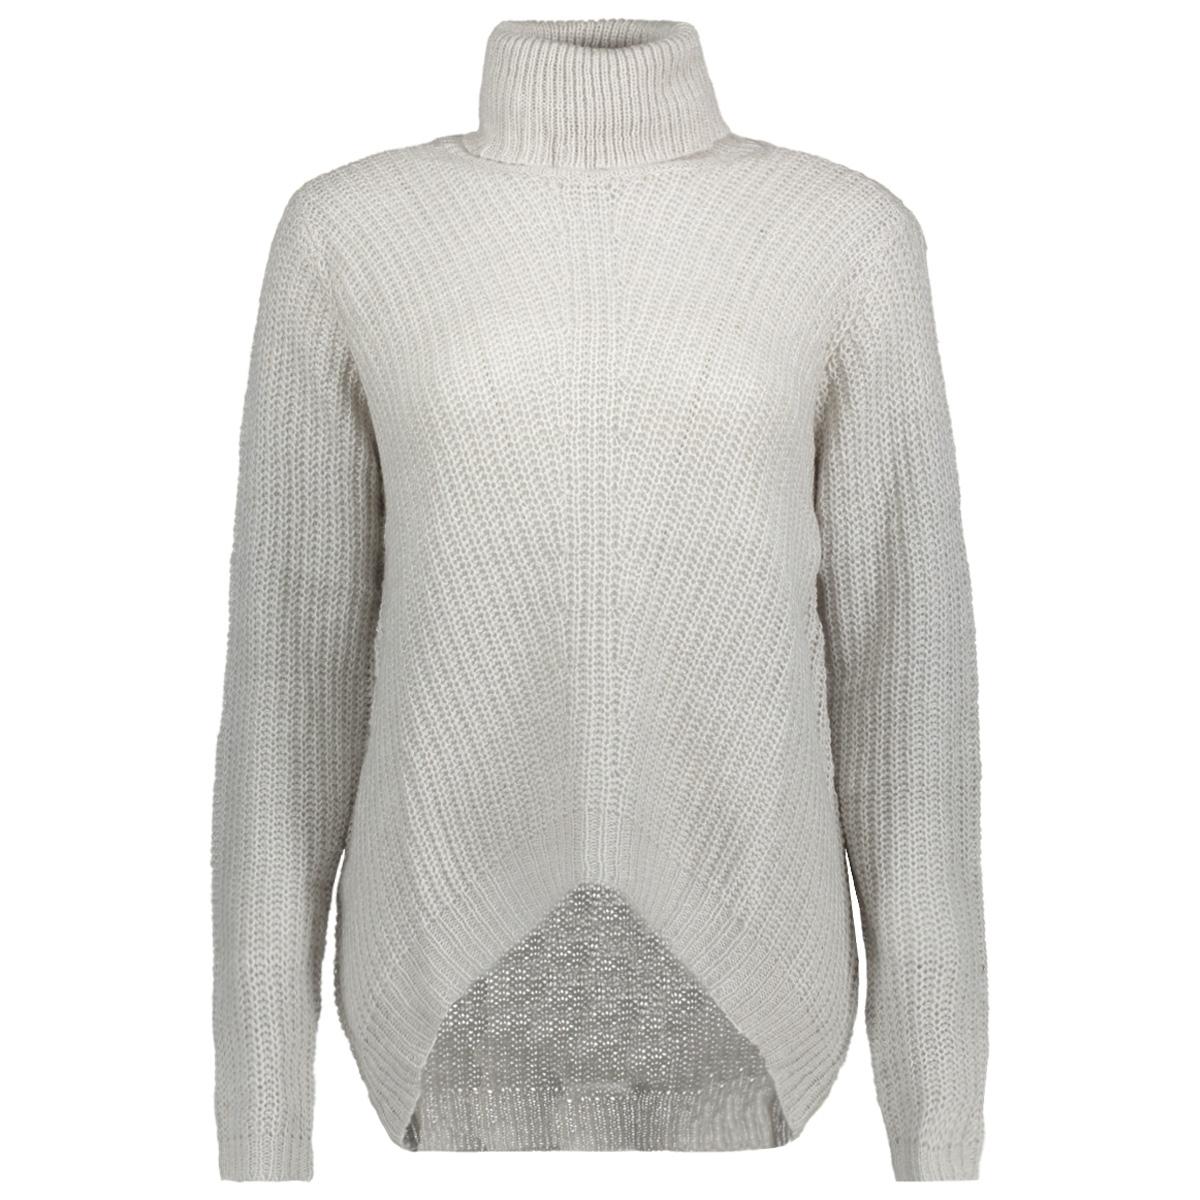 jdysanna l/s highneck pullover knt 15141006 jacqueline de yong trui white melange